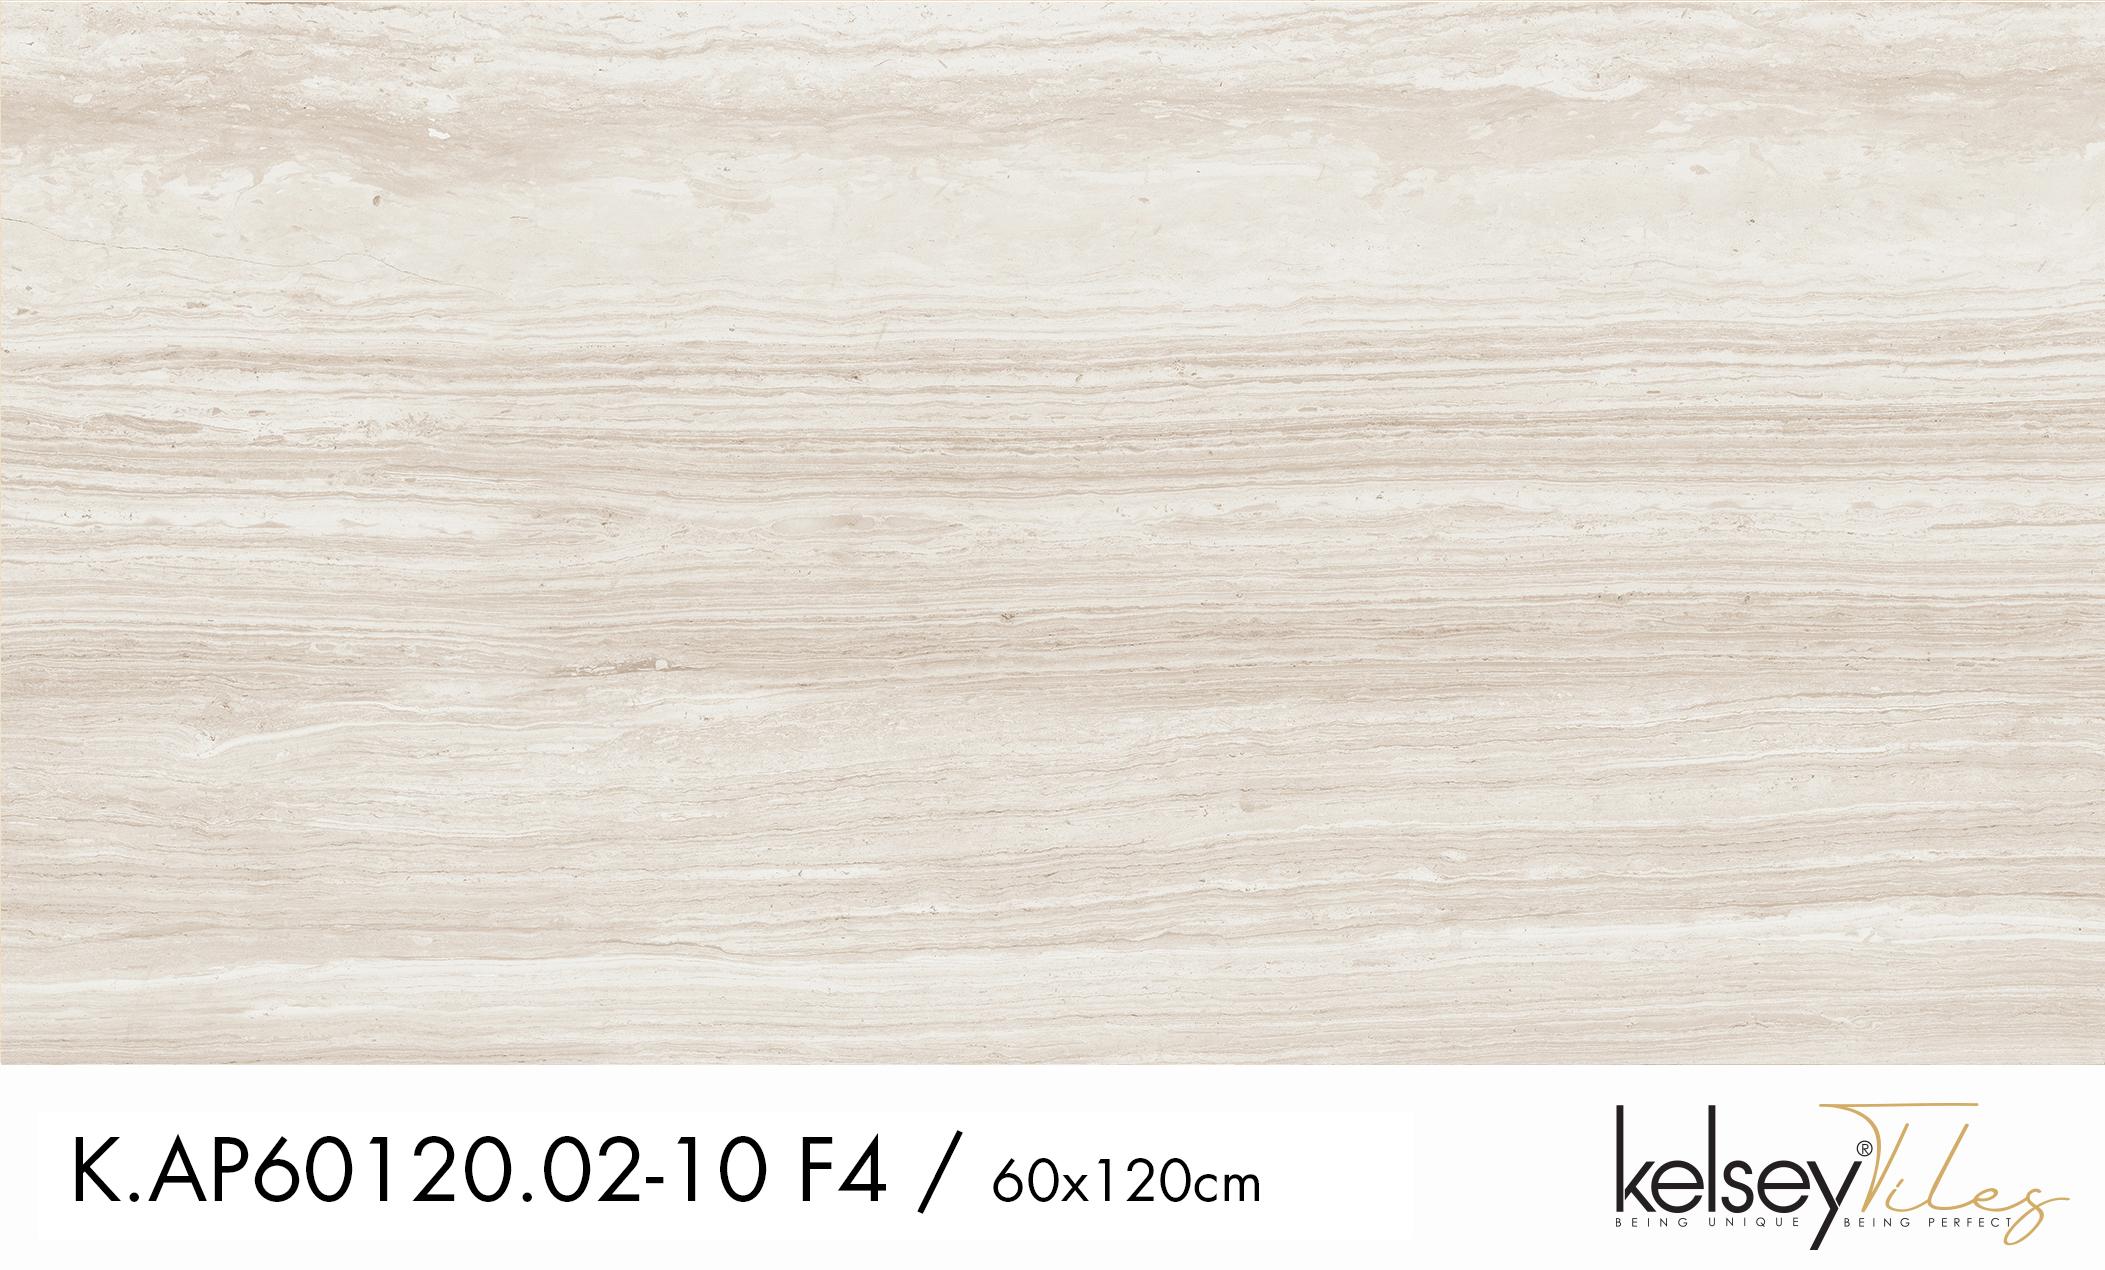 K.AP60120.02-10